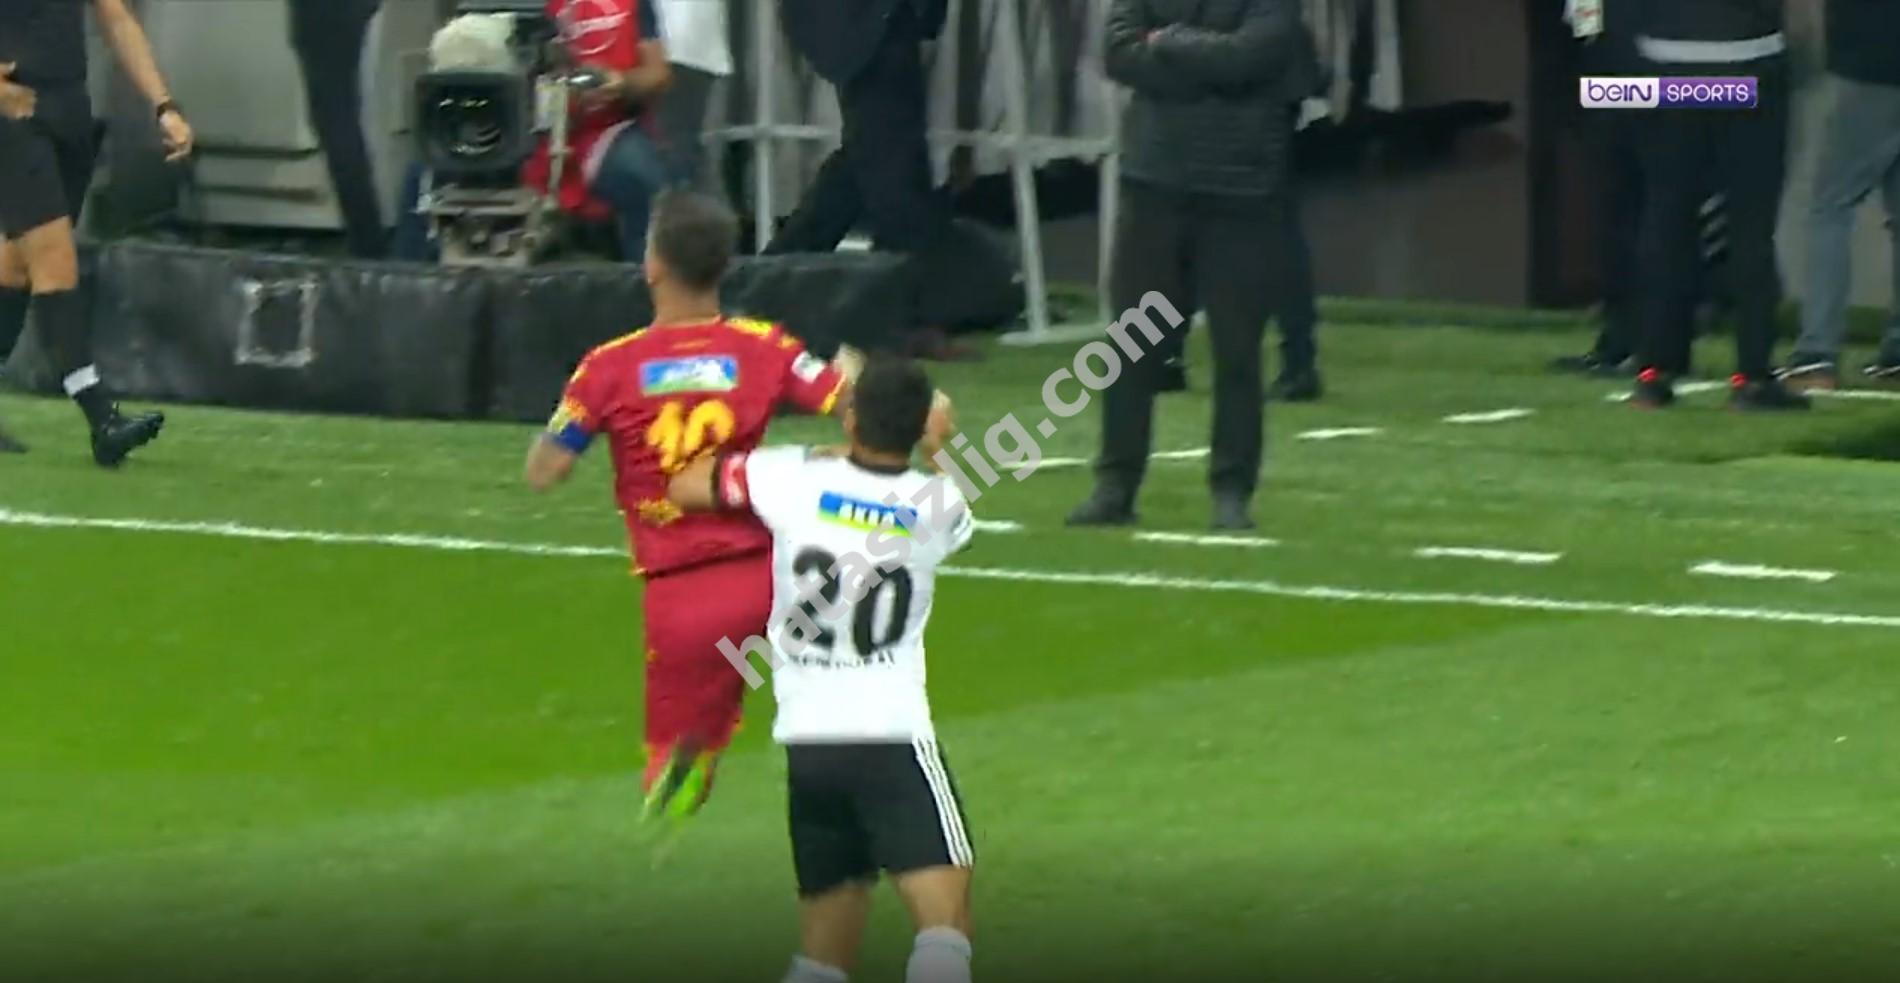 Rosier'in eline değen topta penaltı var mıydı?